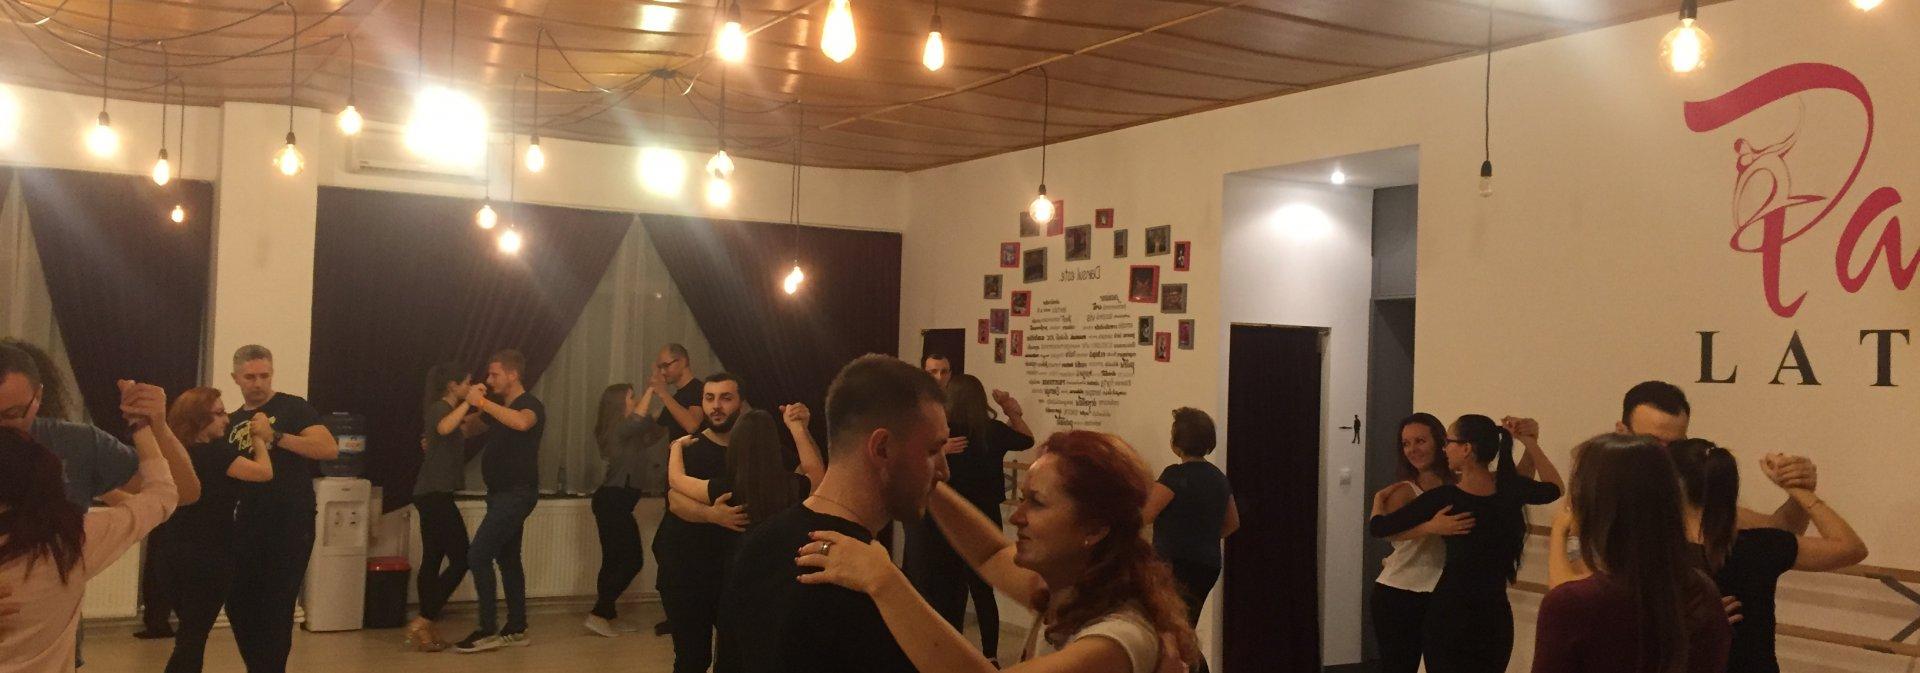 Pasito Latino, Iași